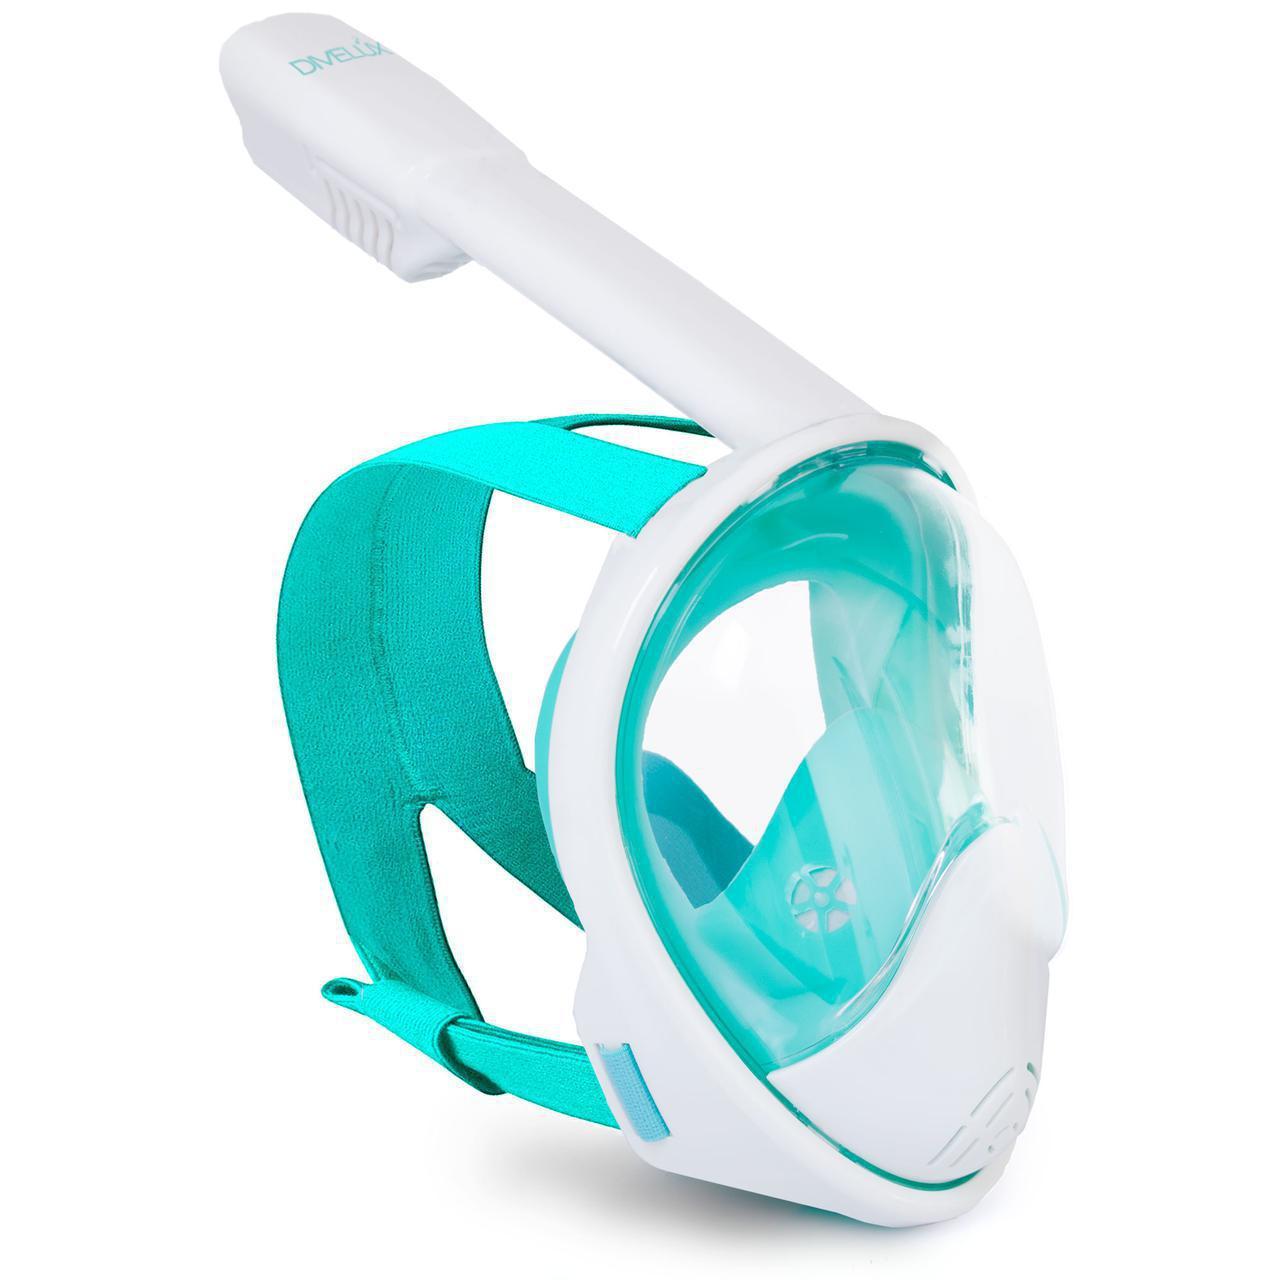 Полнолицевая панорамная маска DIVELUX для дайвинга и снорклинга S/M Салатный